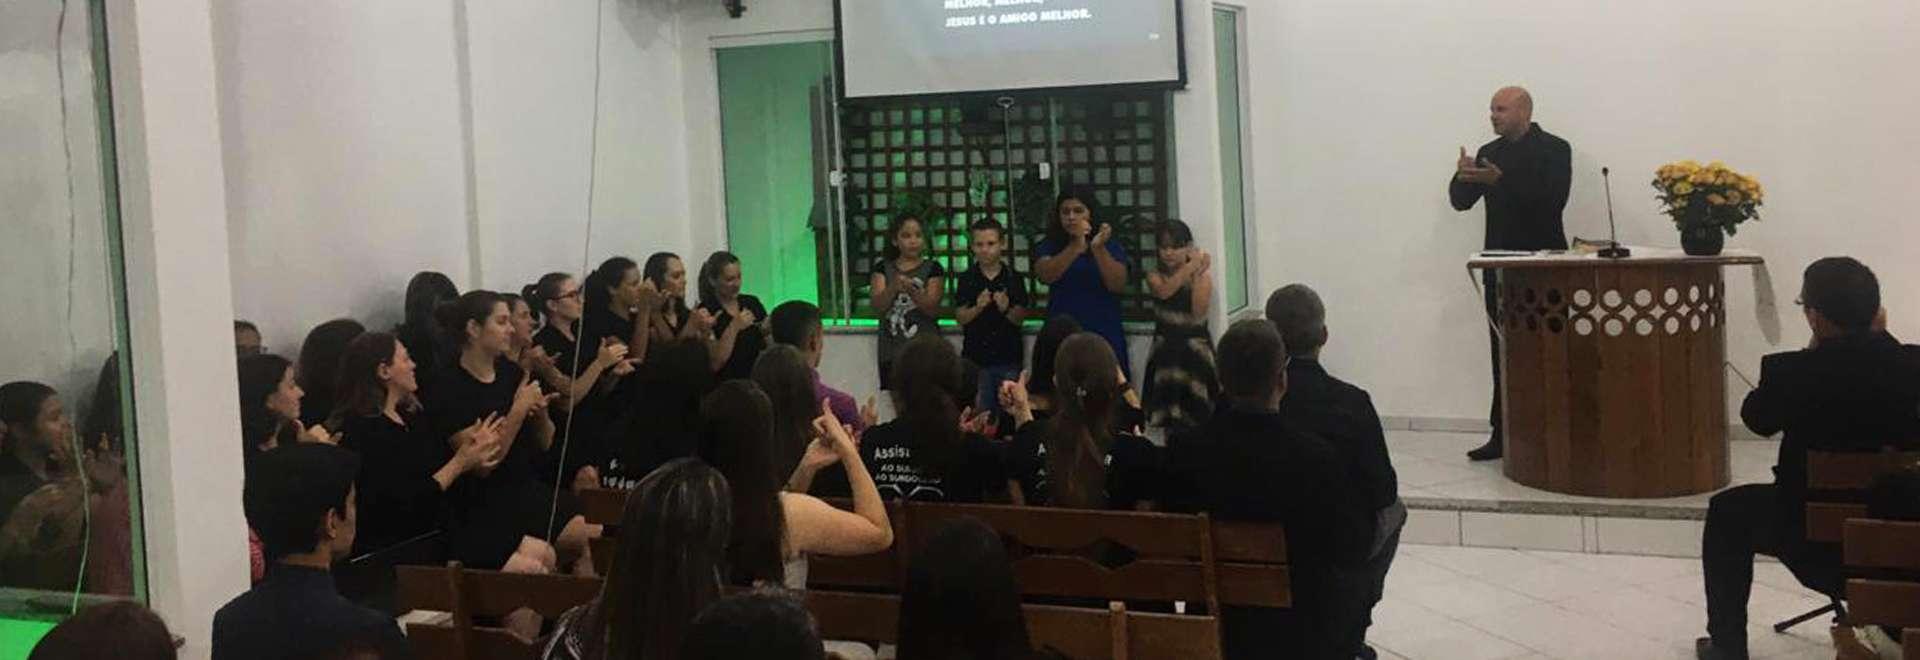 Igreja Cristã Maranata em Passo Fundo, RS, realiza culto voltado para surdos